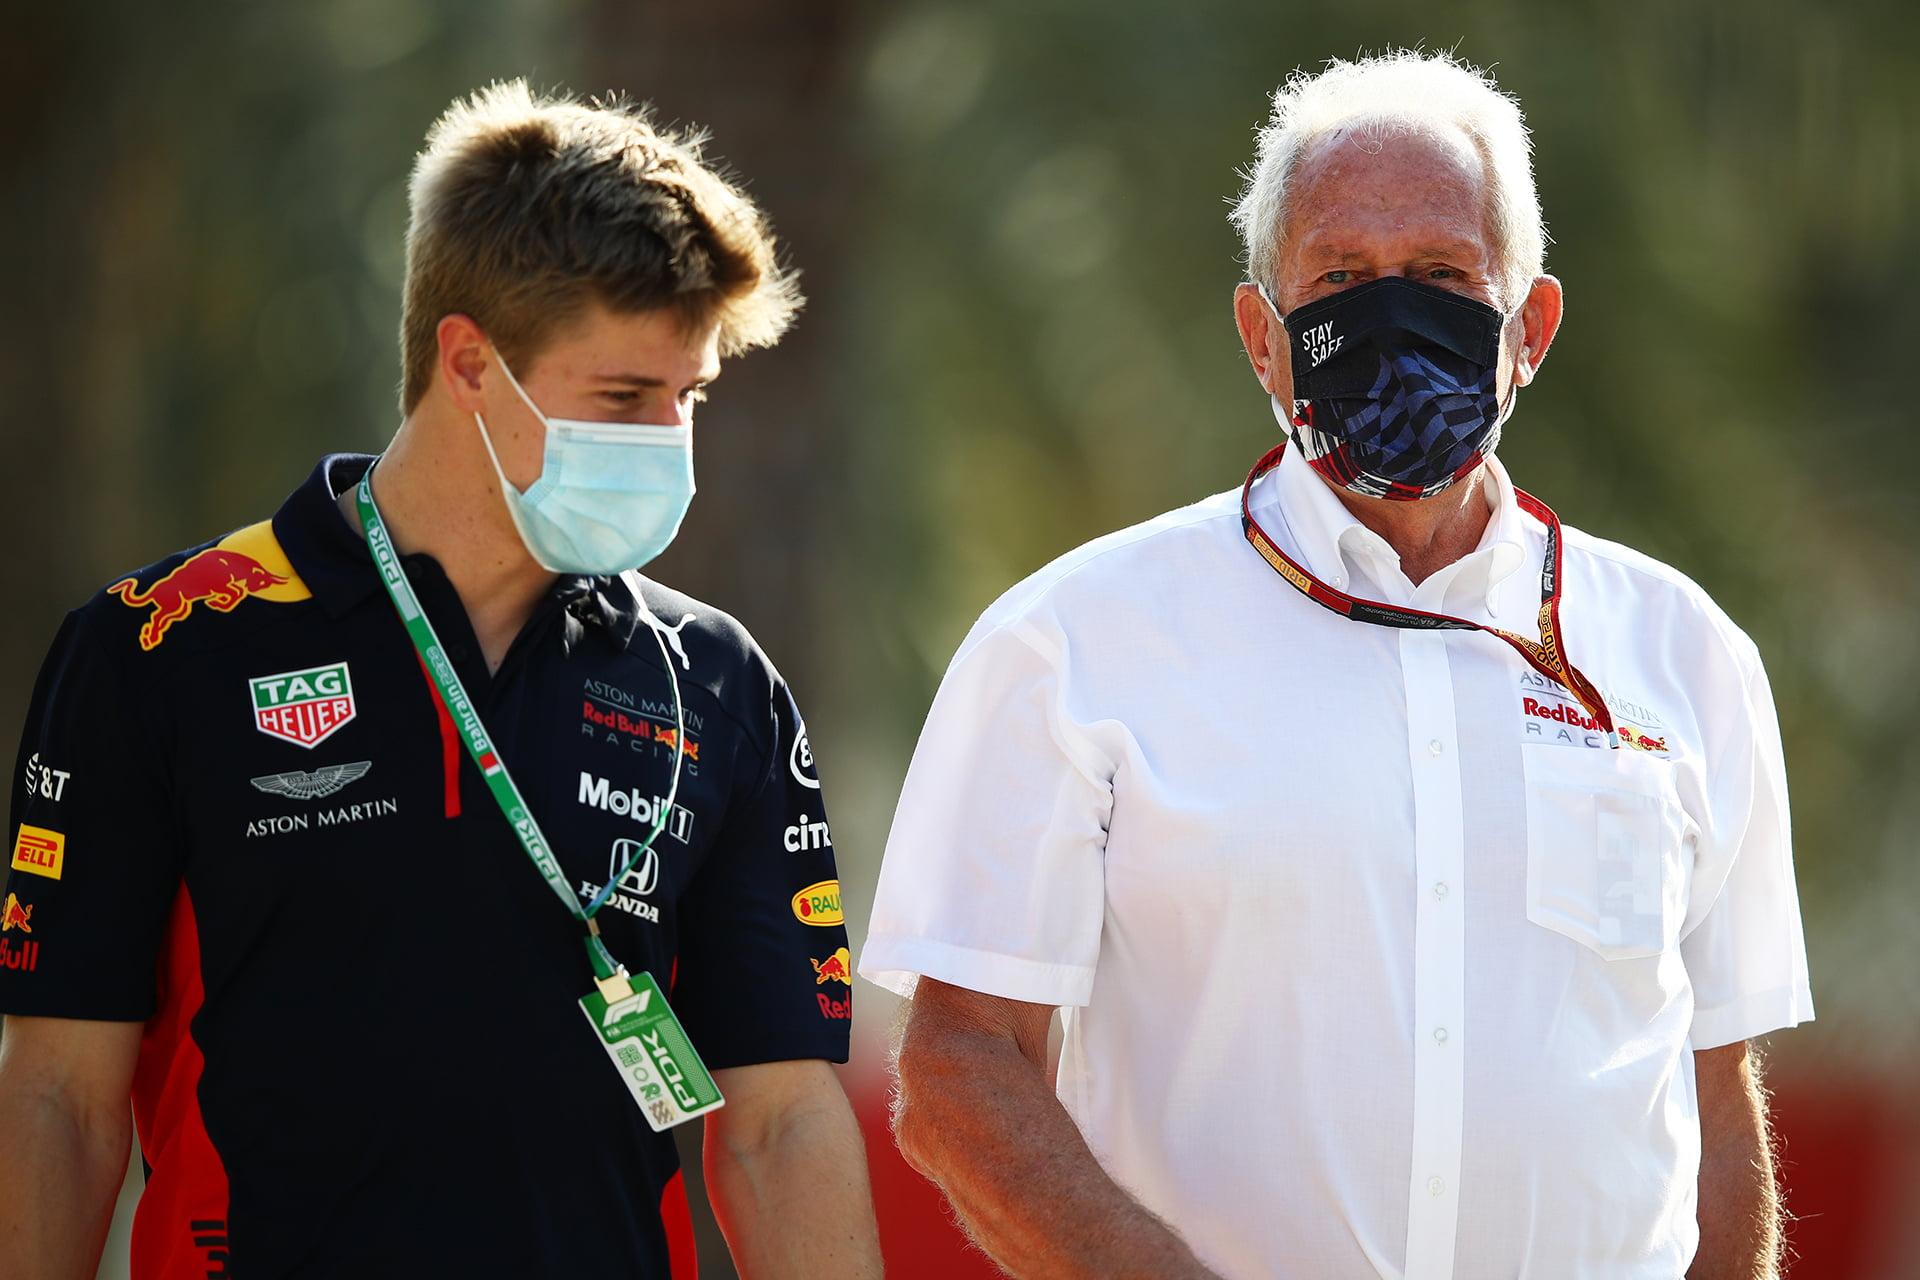 Juri Vips está listo para debutar en los test de jóvenes pilotos en Abu Dhabi.